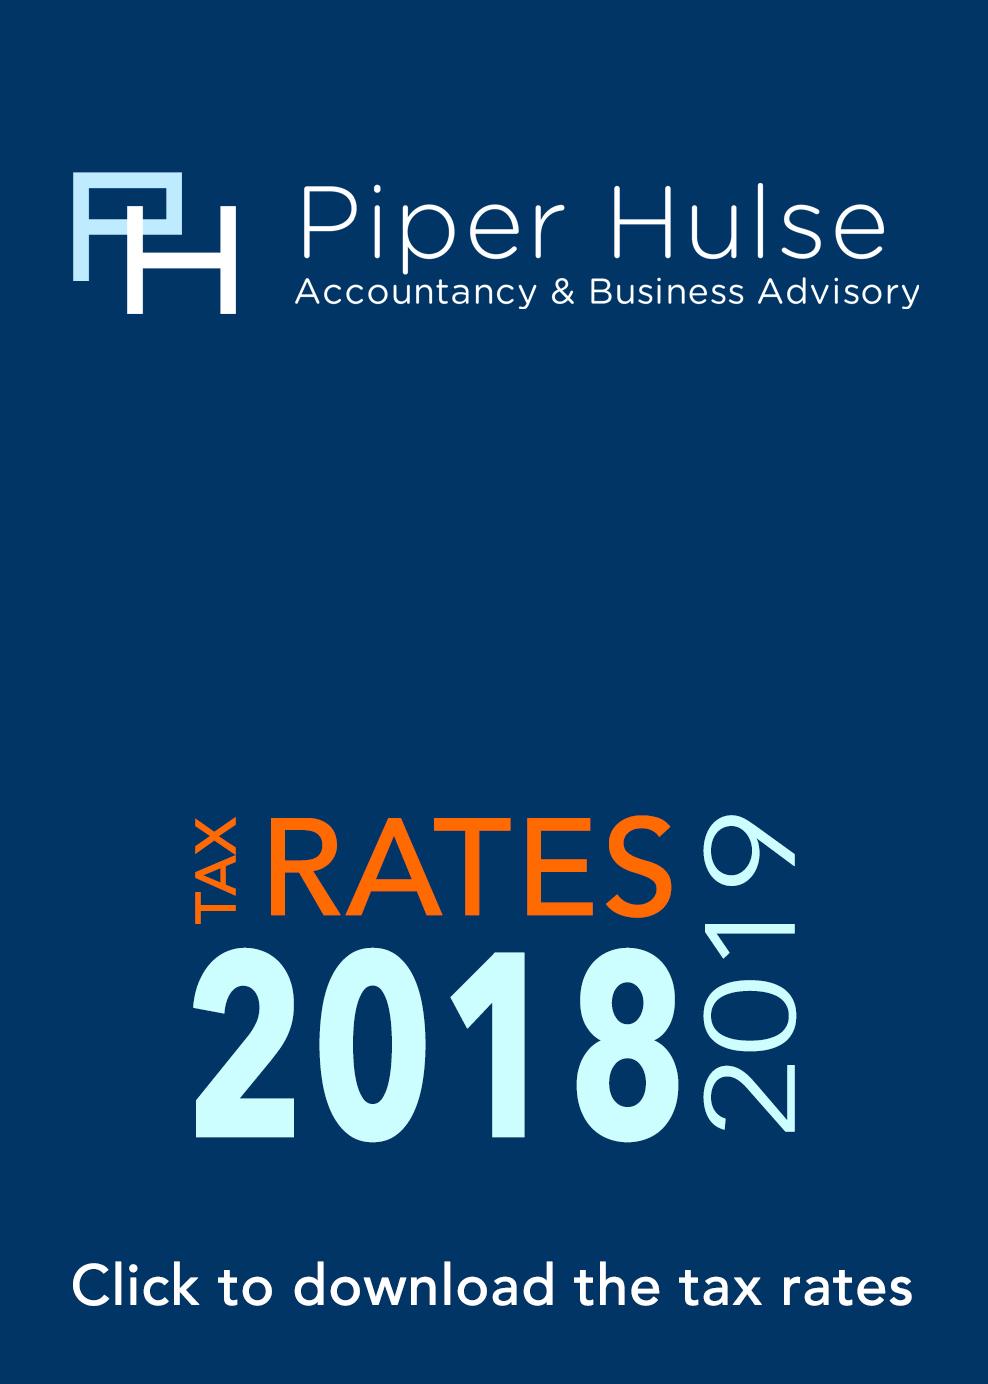 2019 Tax Rates